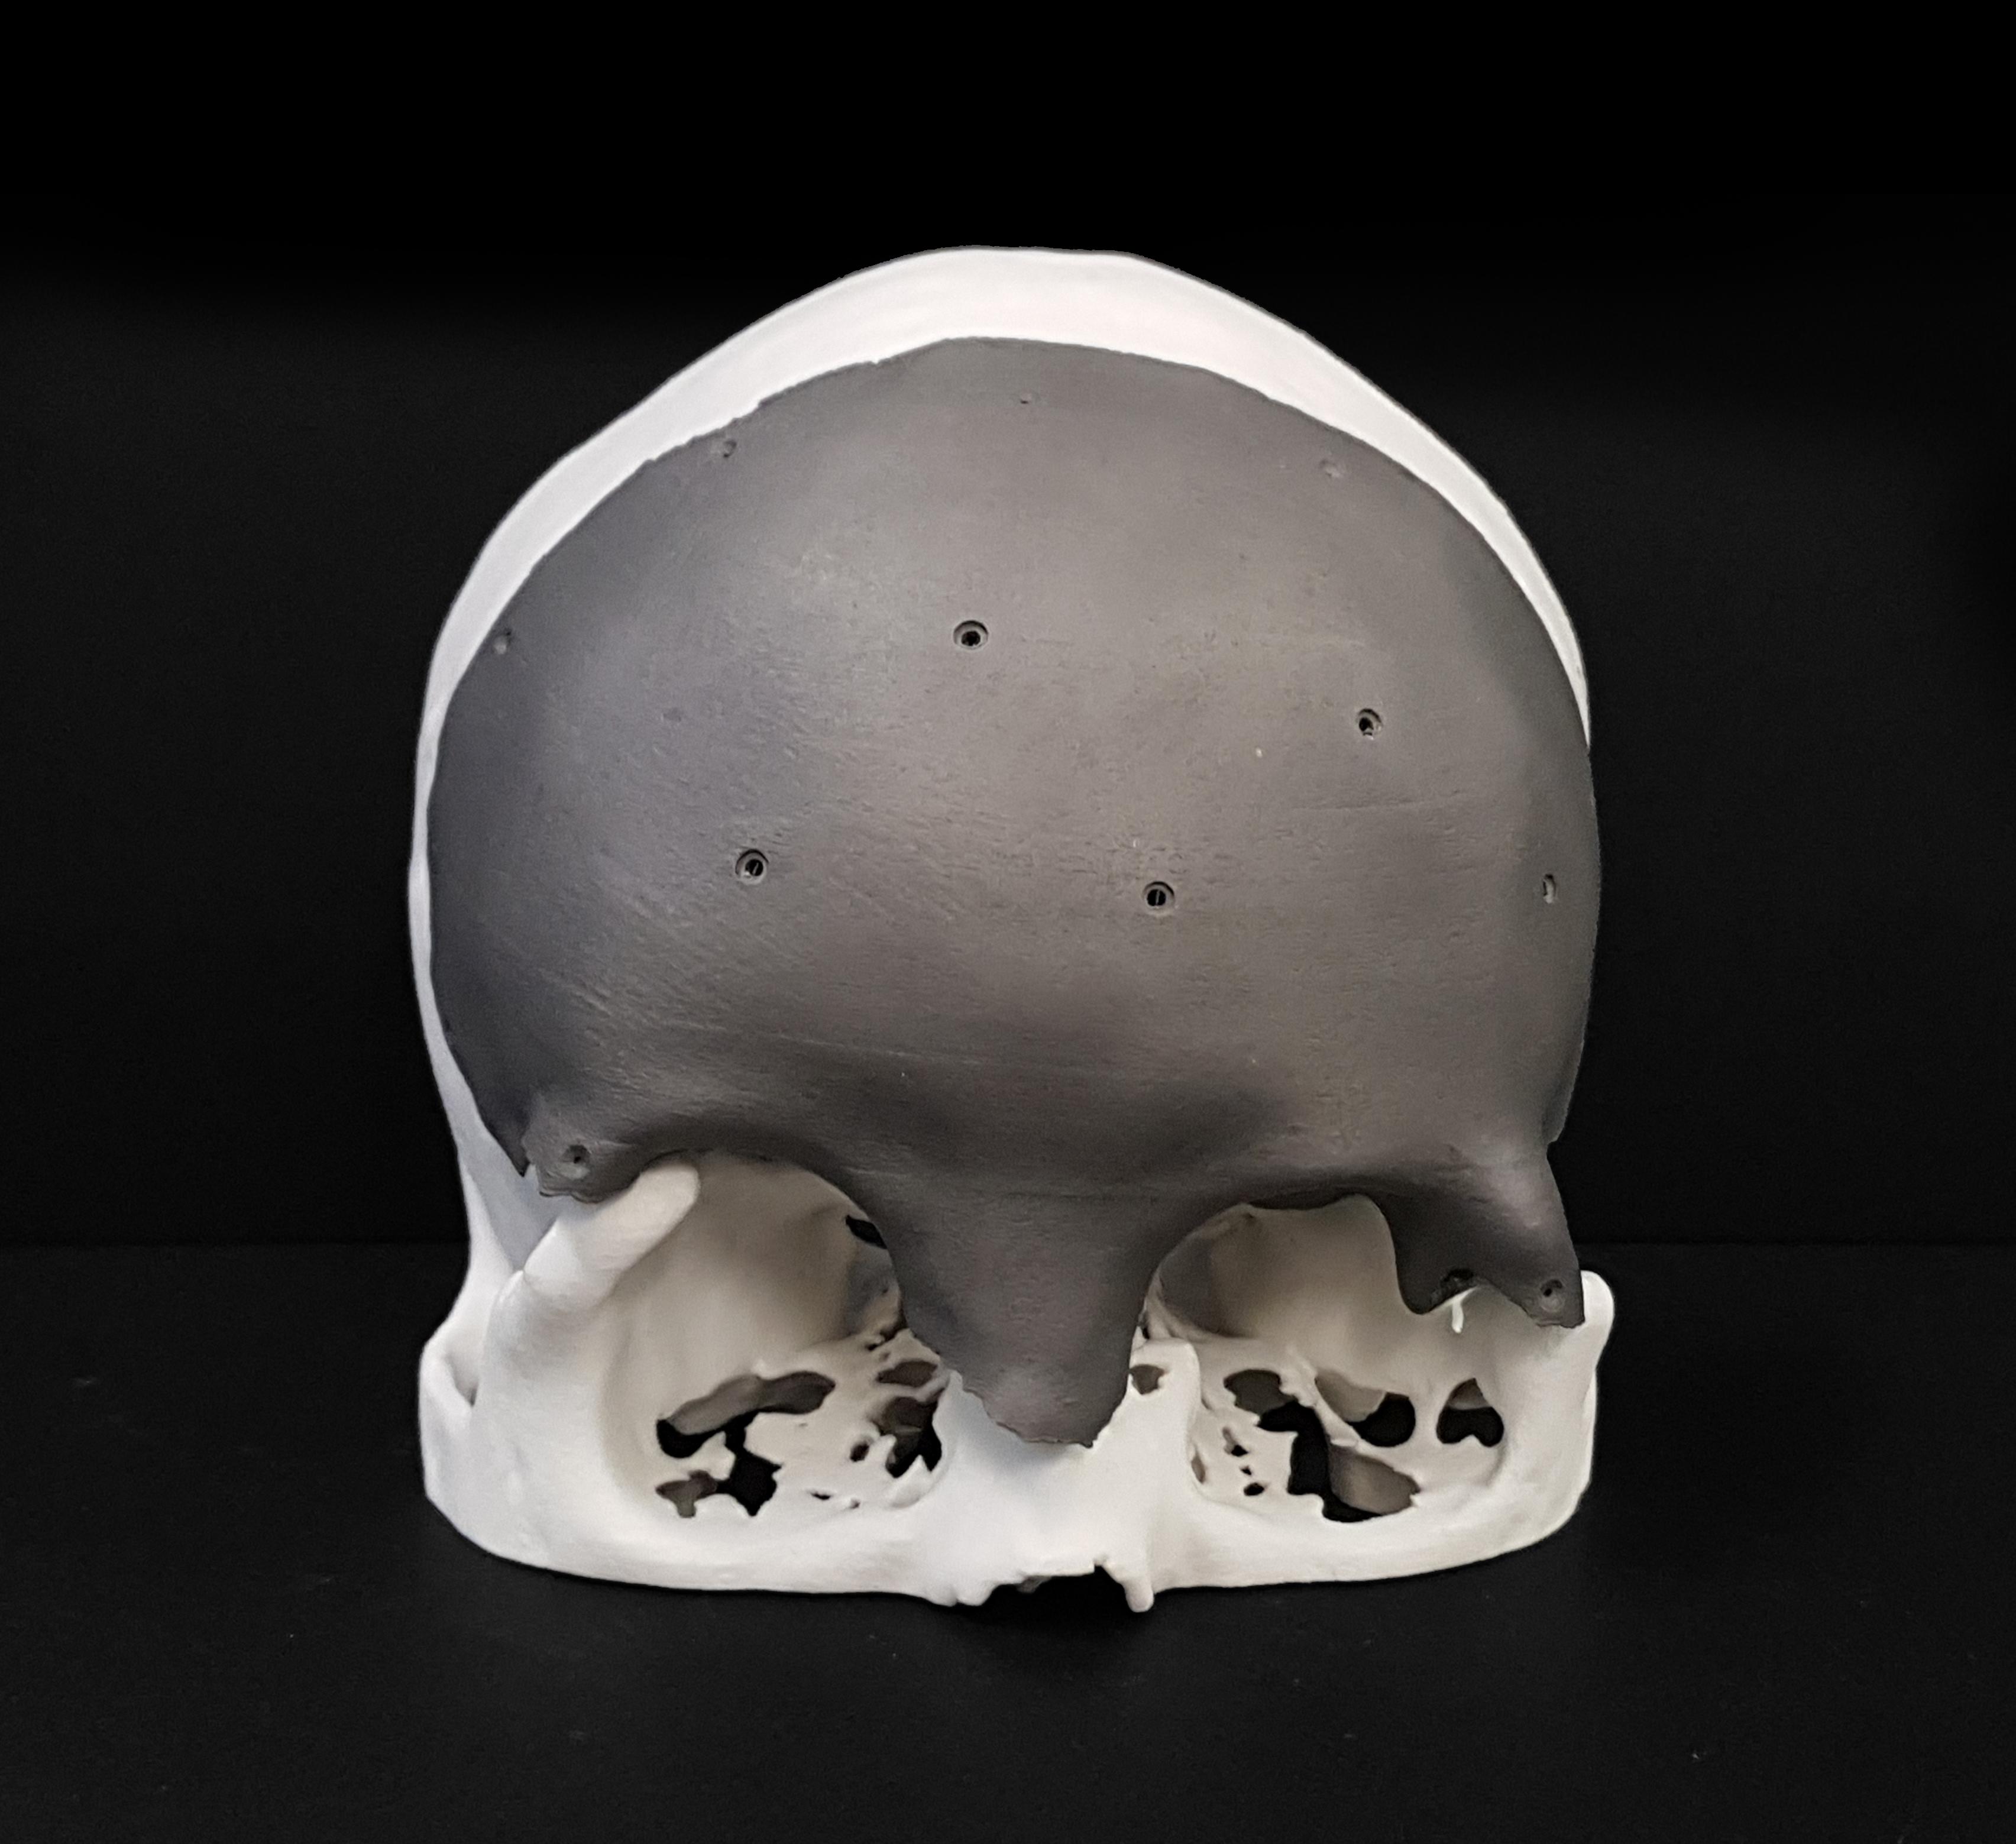 Frontal bone imaplant